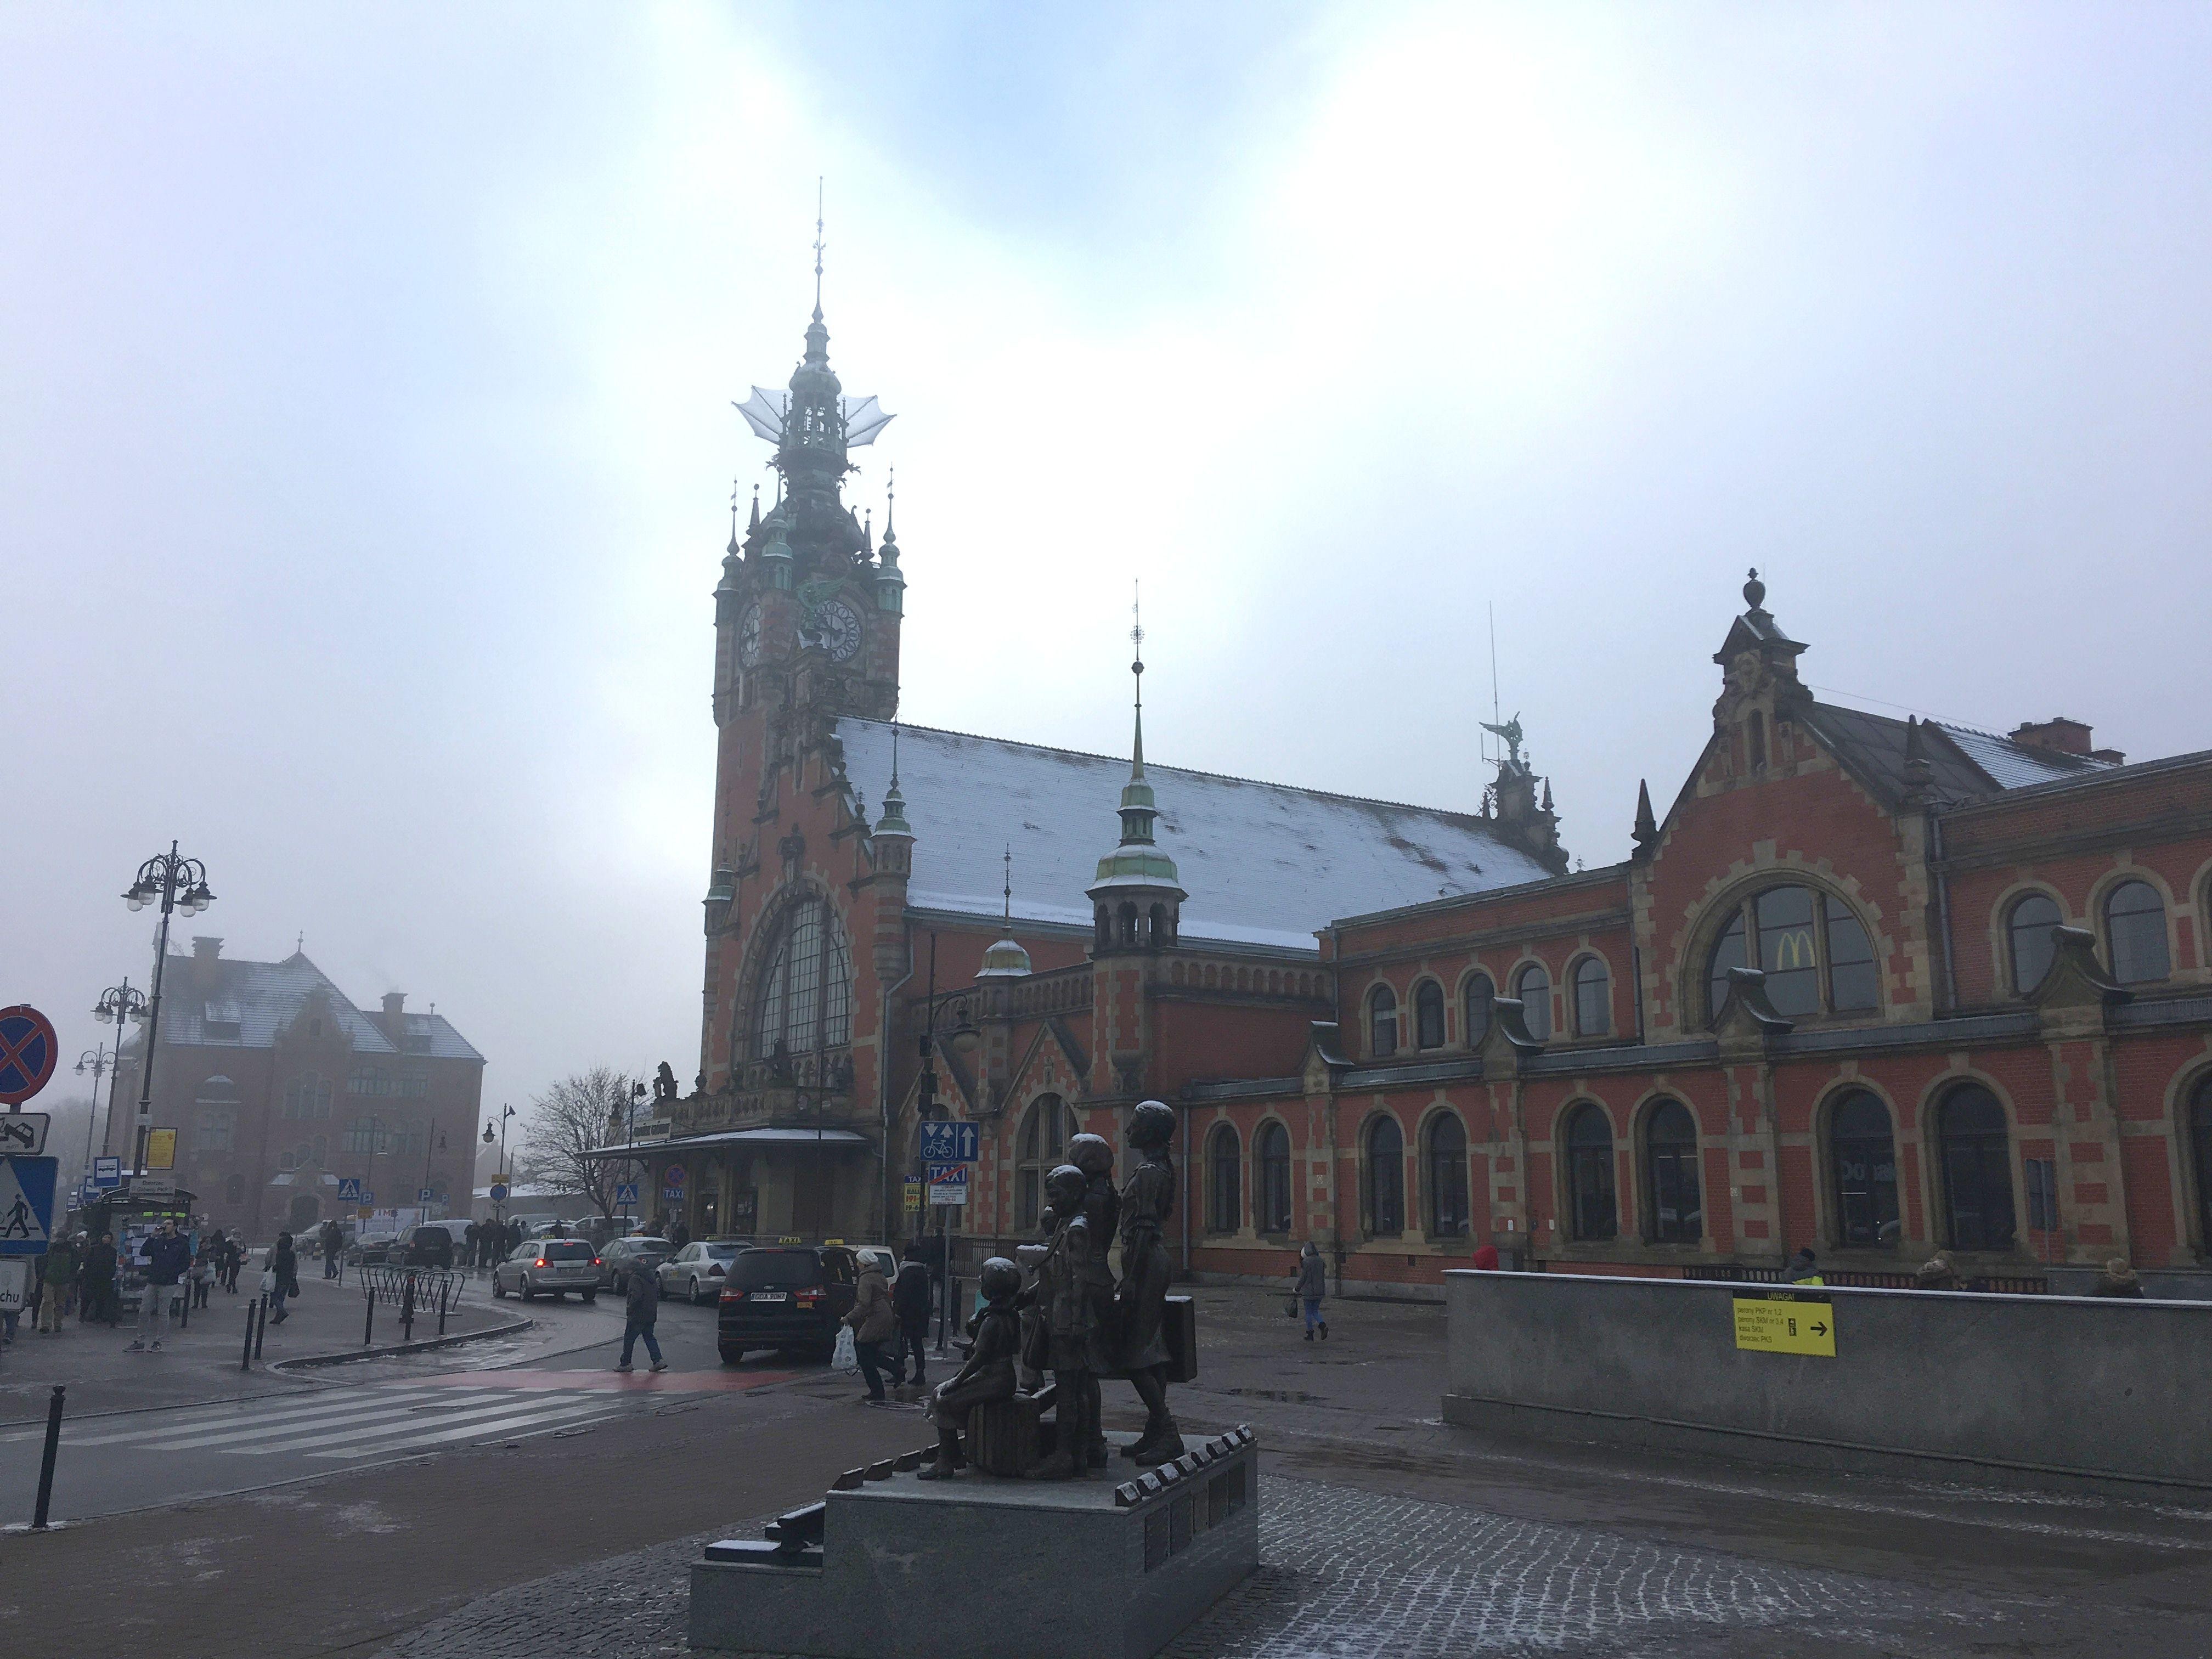 Центральный вокзал Гданьска